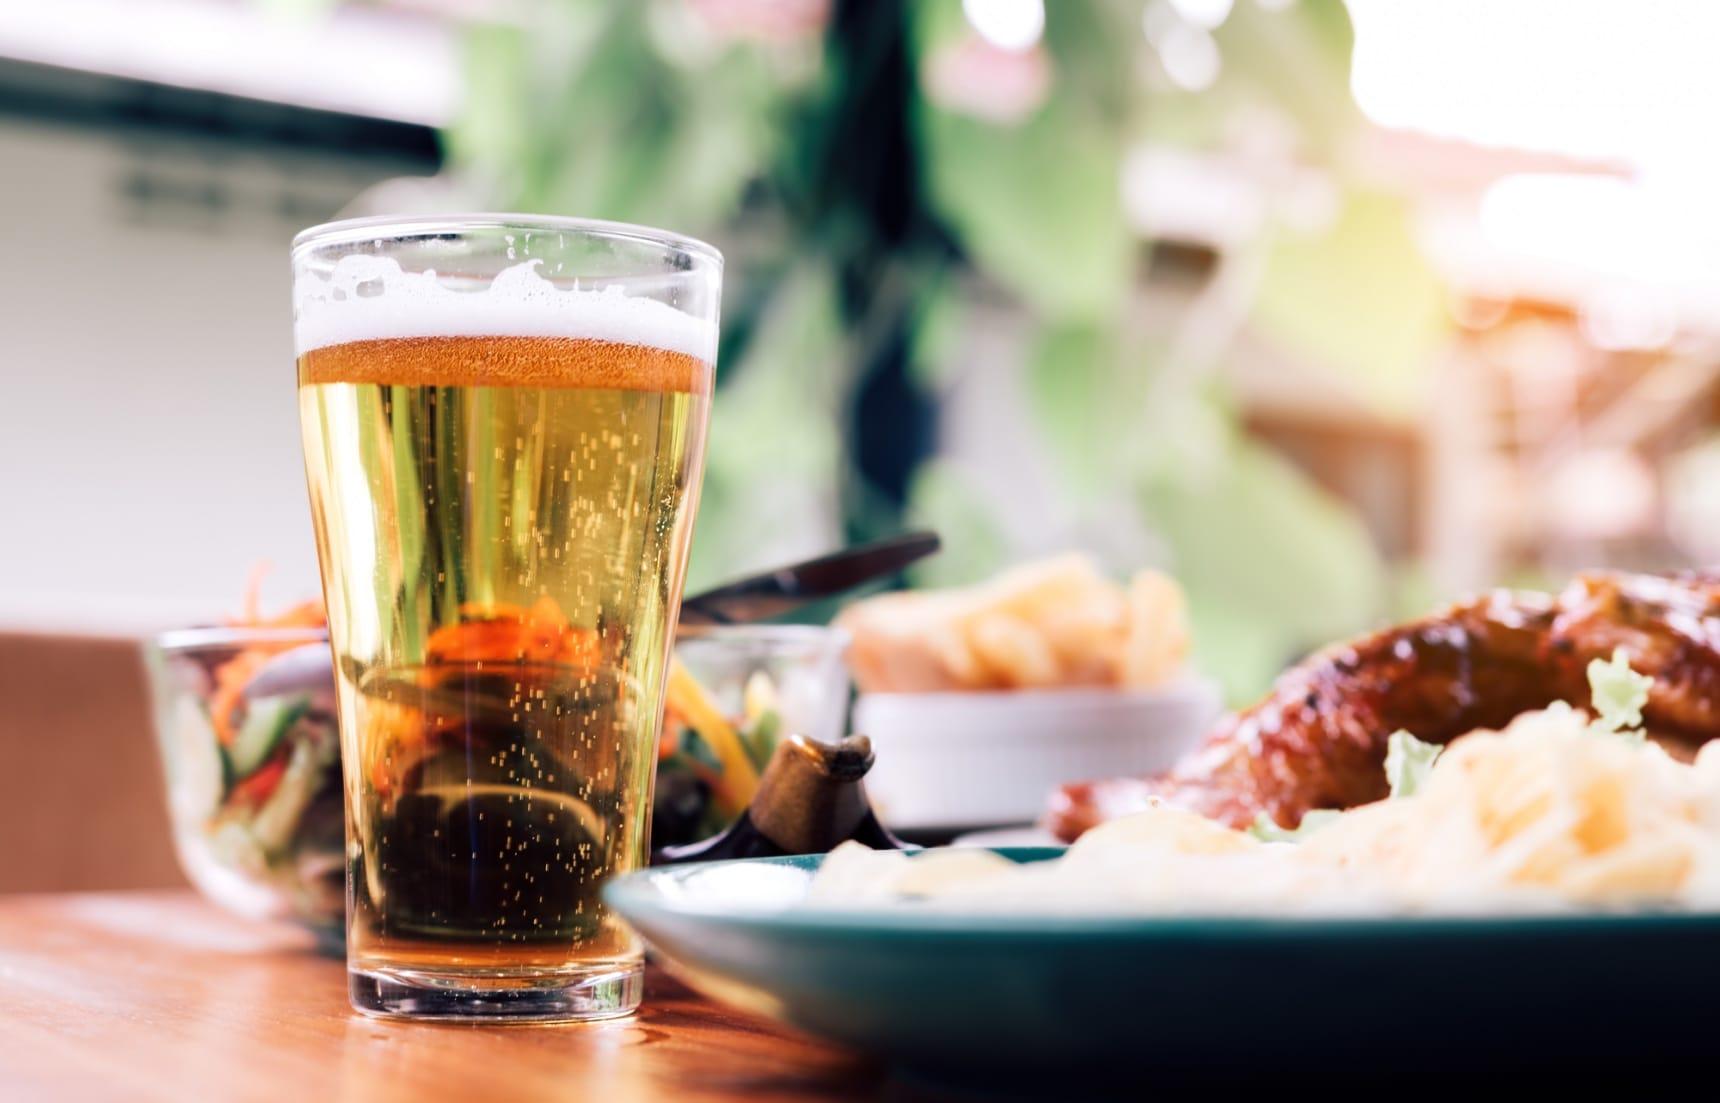 【日本面面觀】四大對策搞定大吃大喝前後的腸胃不適